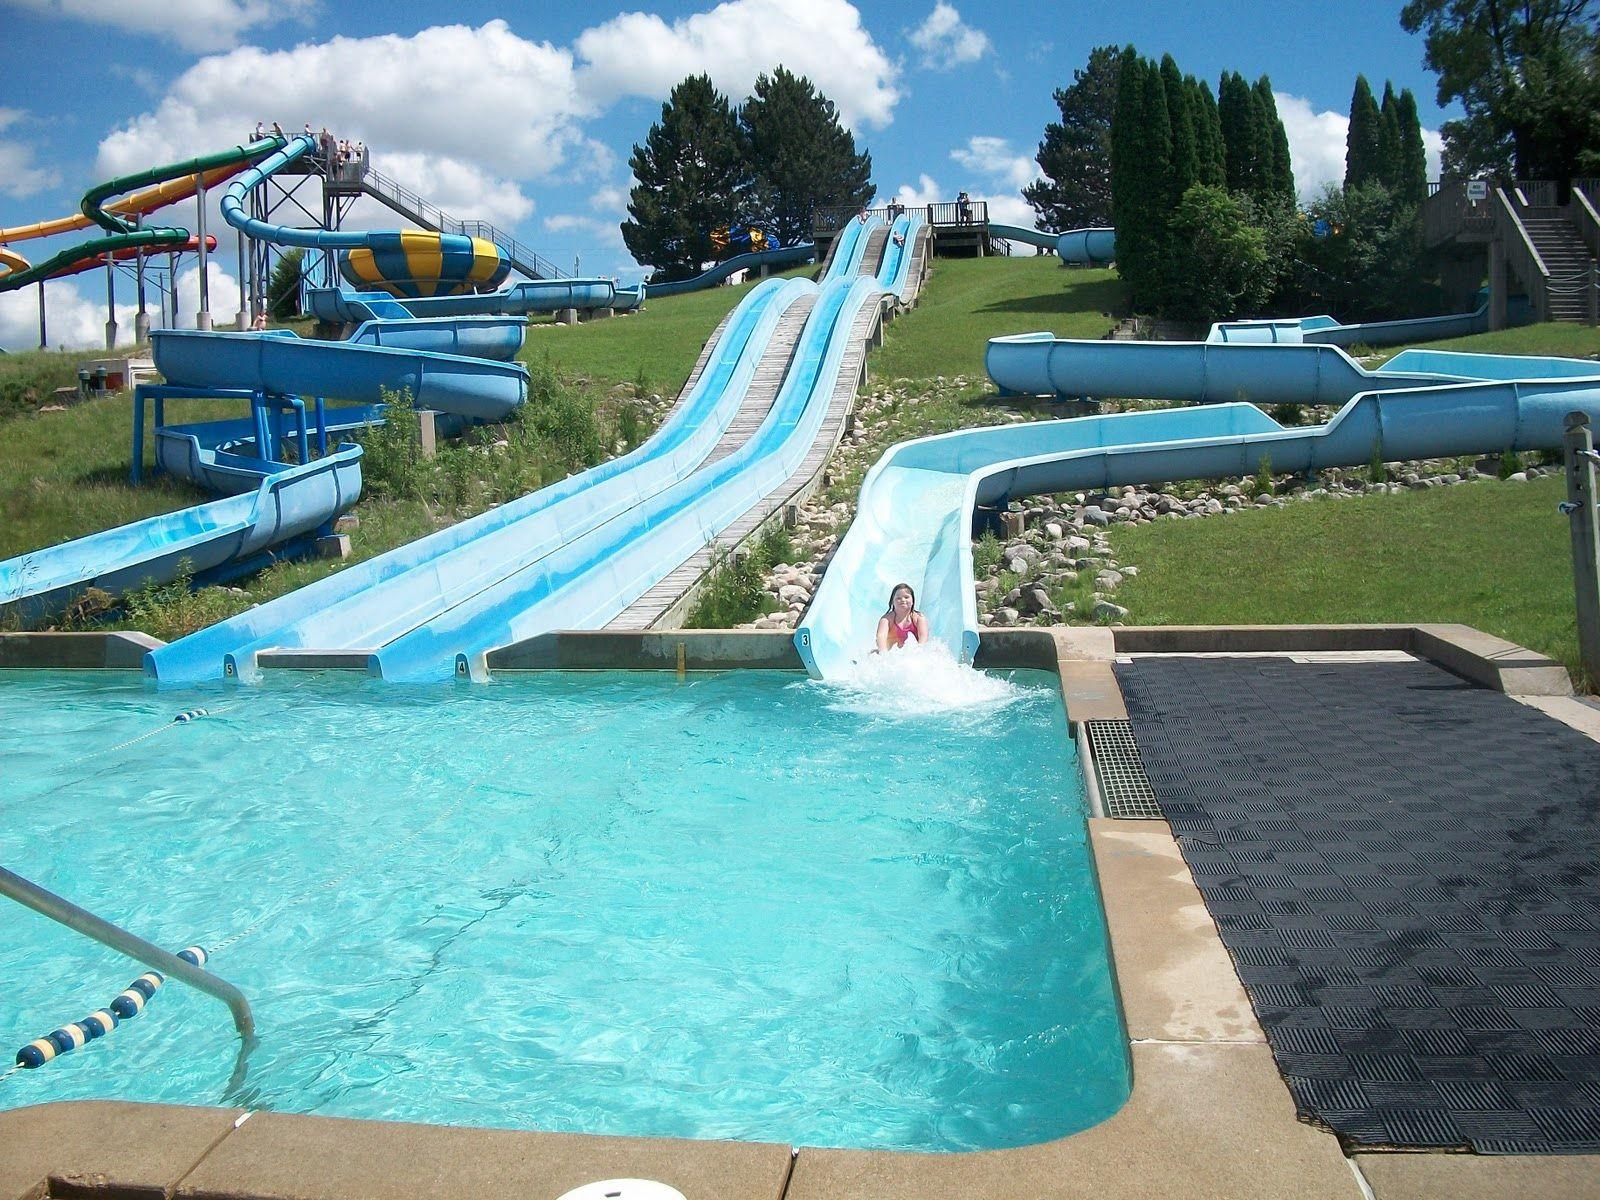 Bingemans Big Splash #Kitchener Water Park | Kitchener Ontario ...